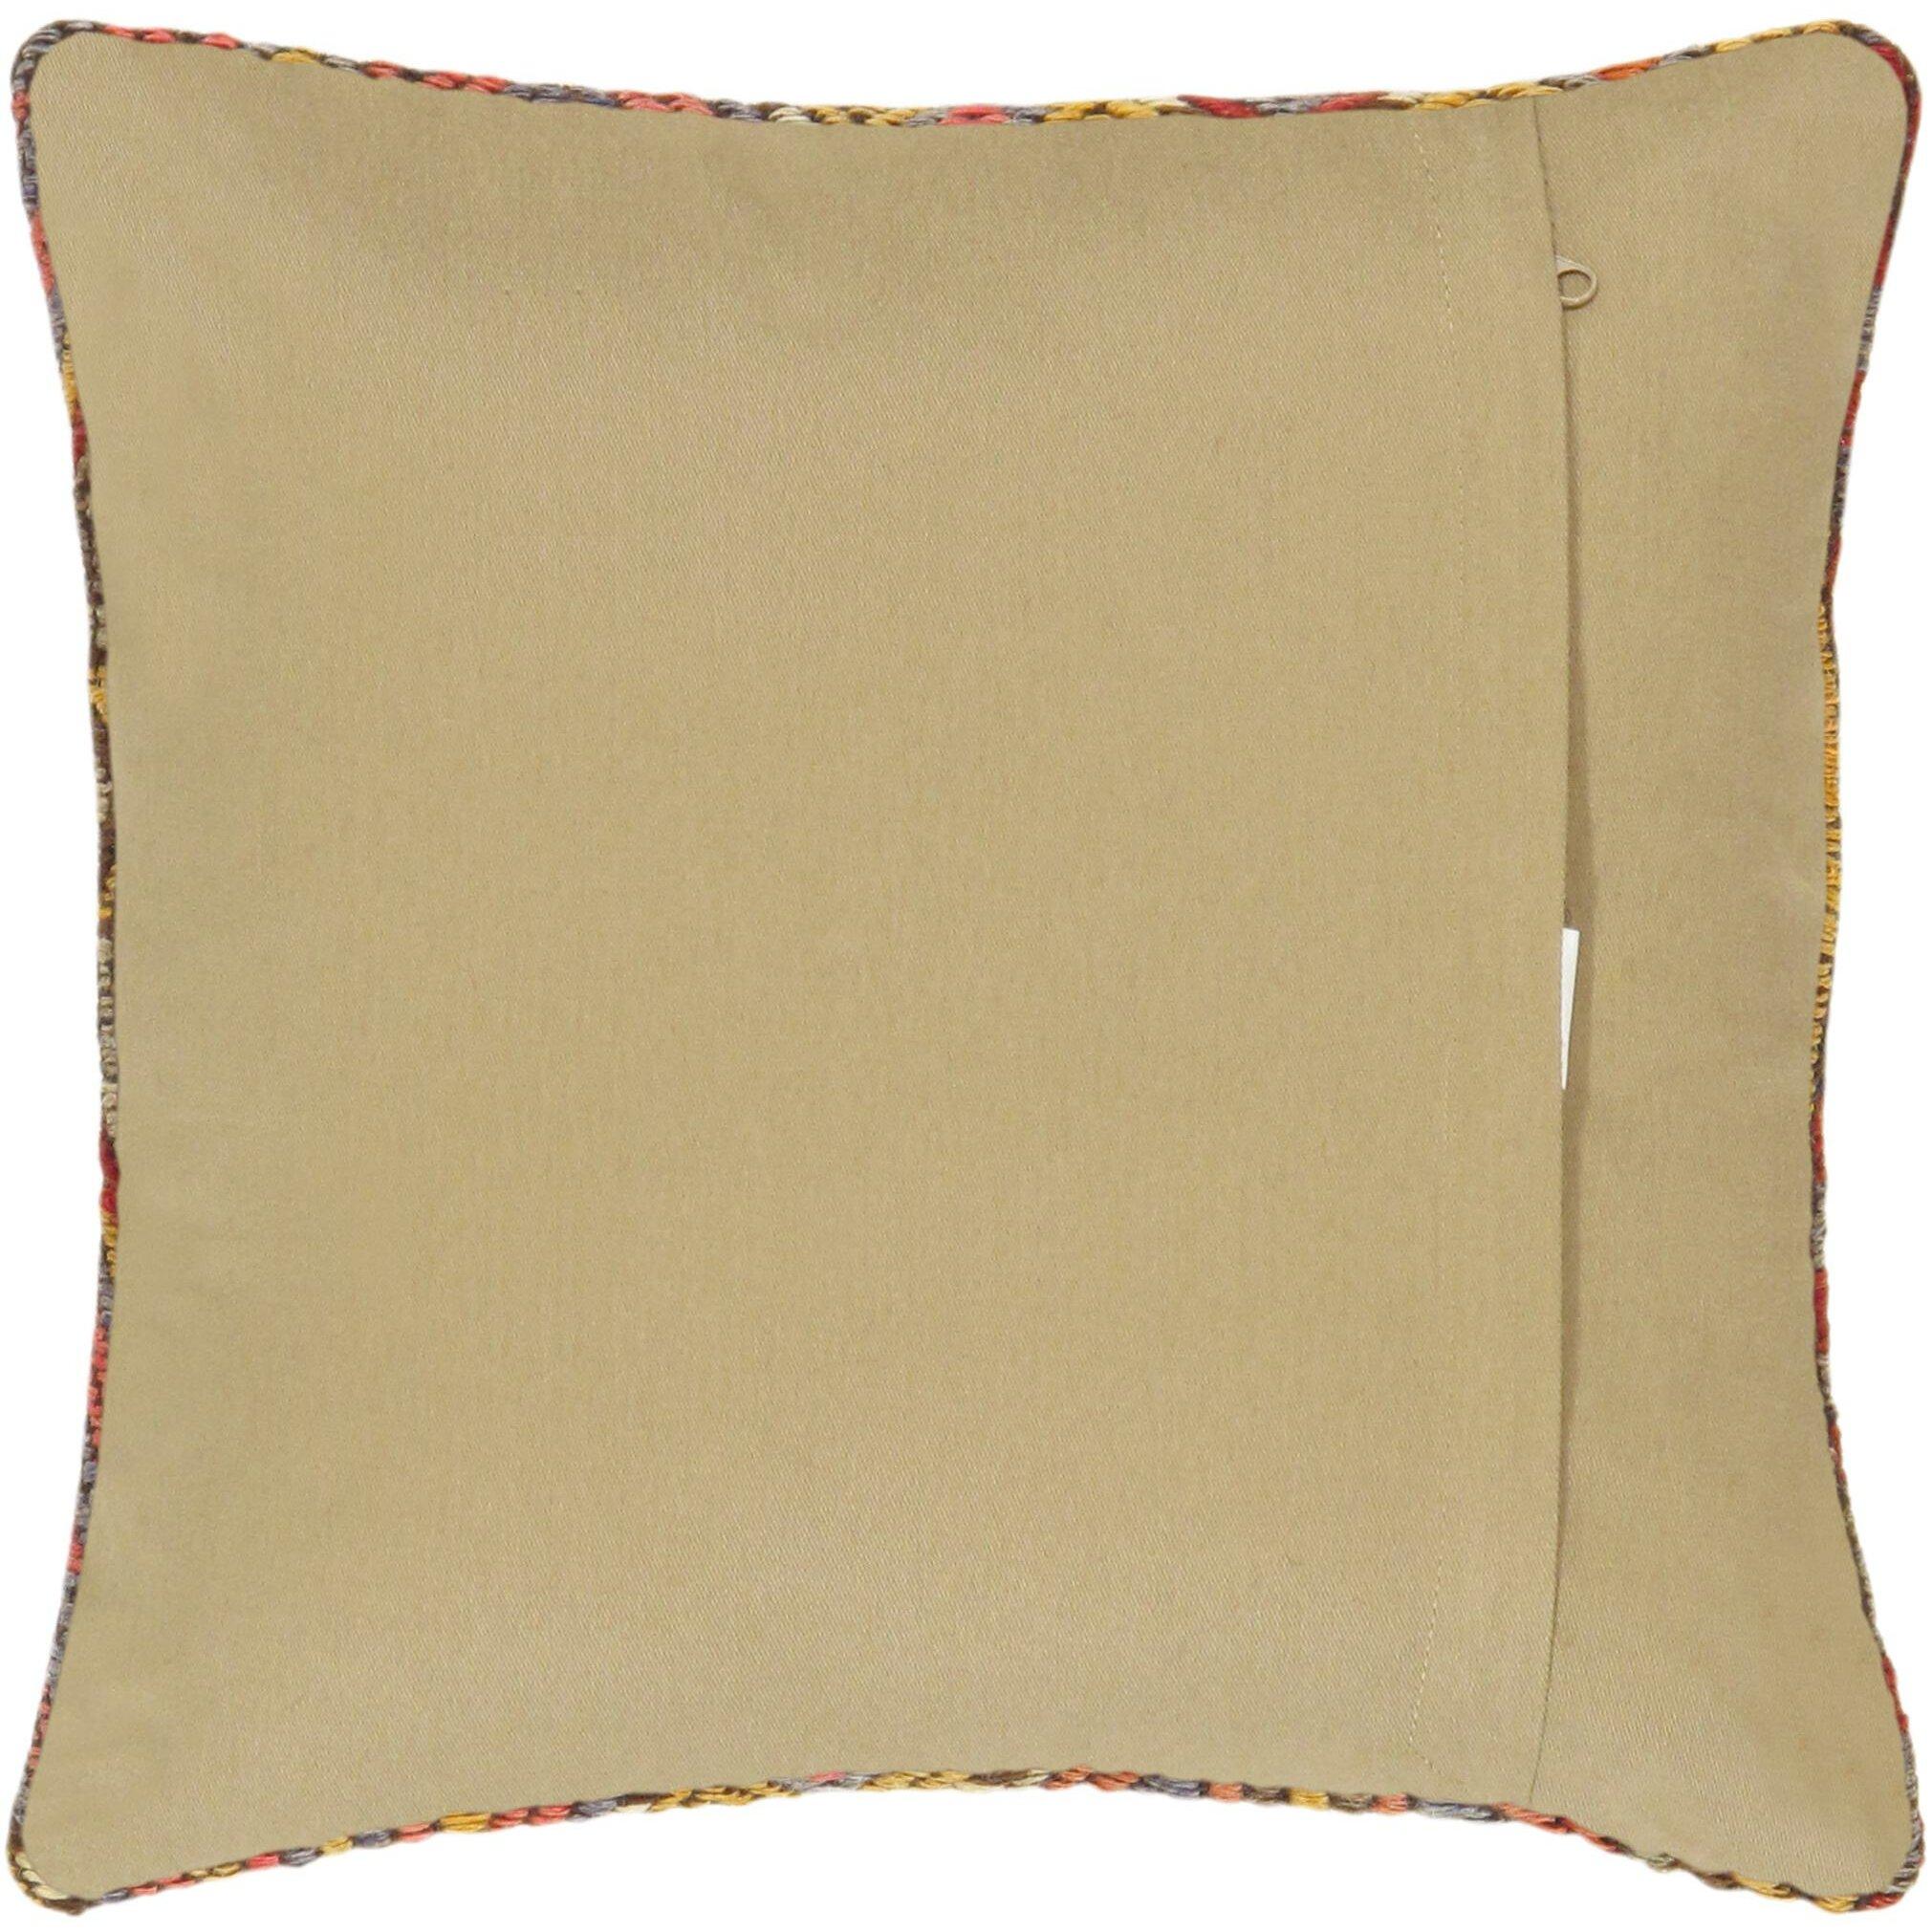 Pasargad Kilim Decorative Vintage Wool Throw Pillow Wayfair